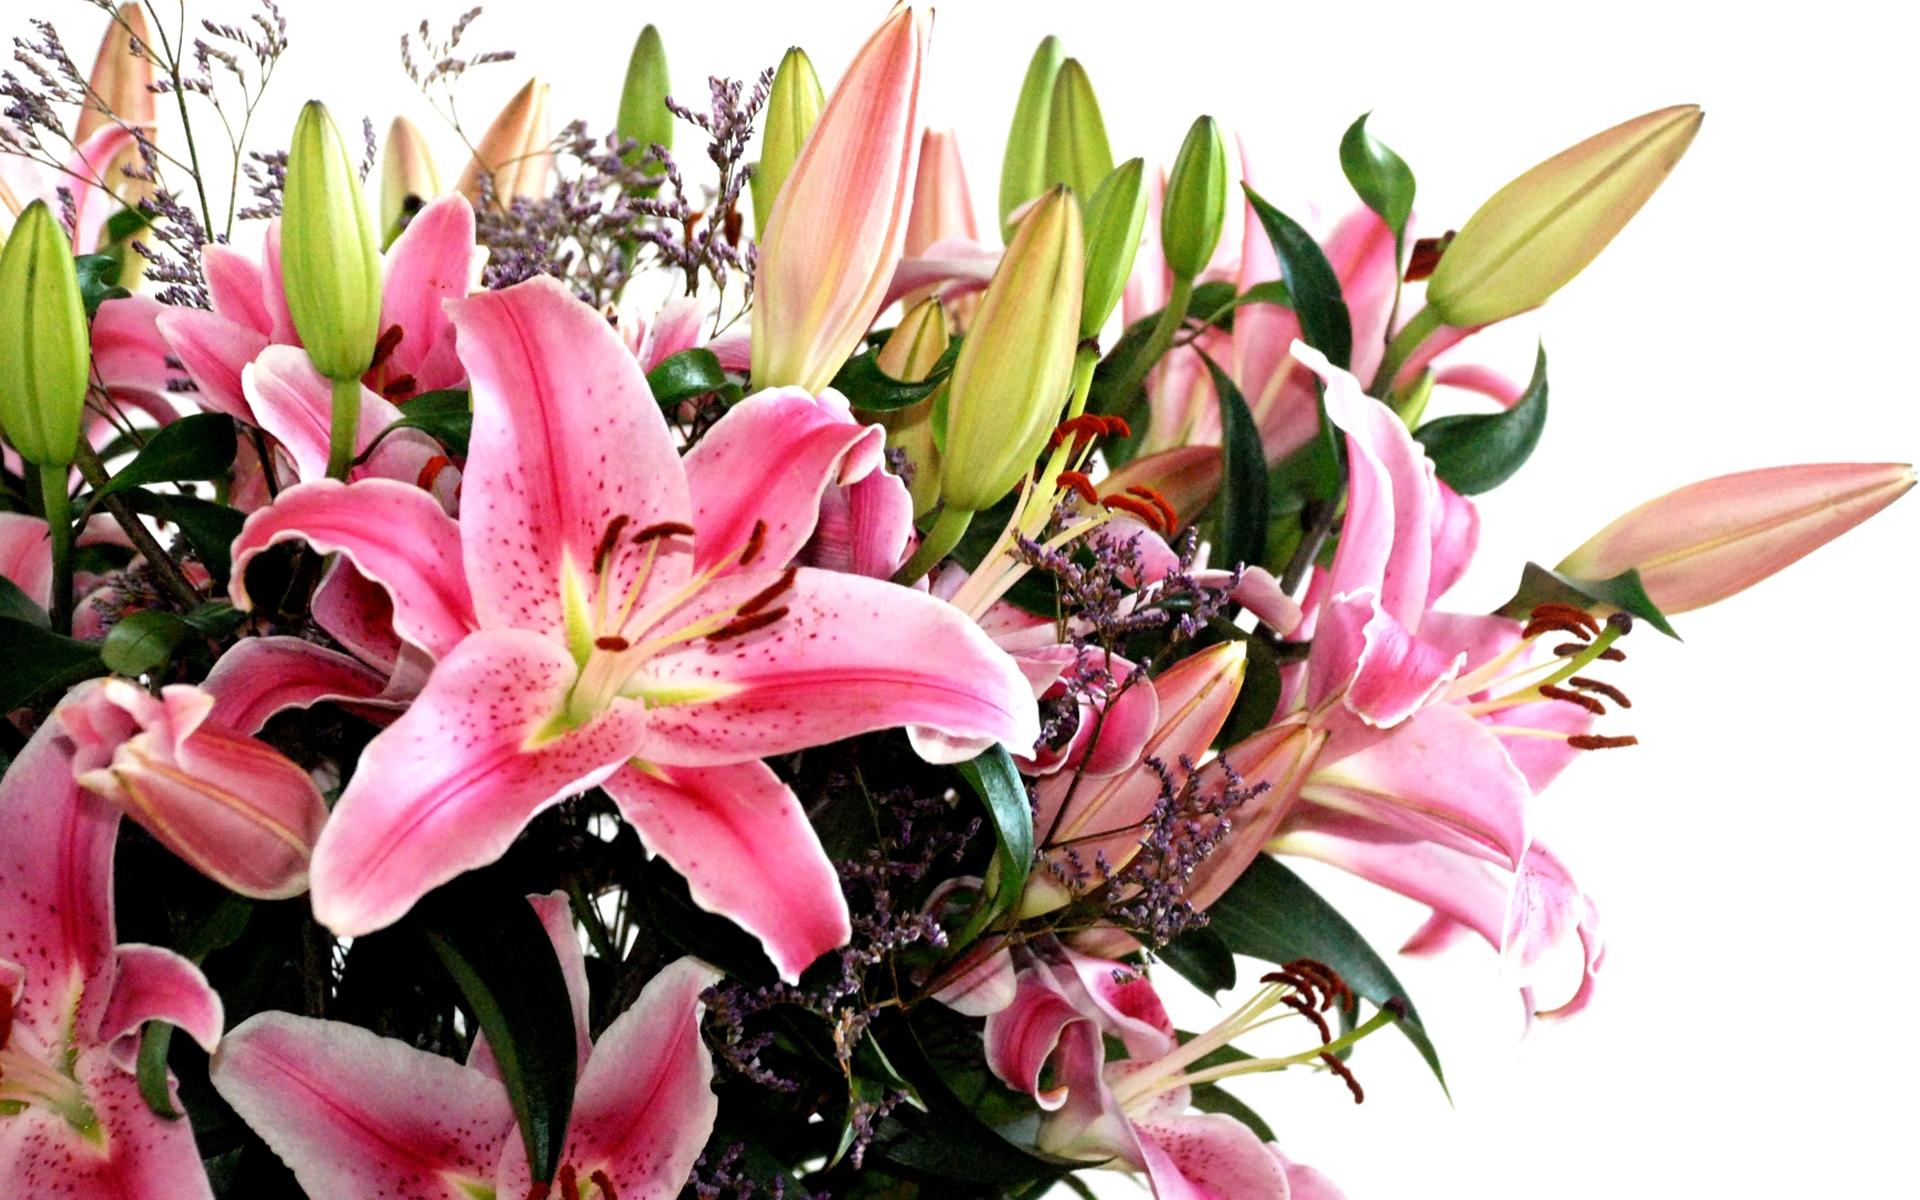 fond d 39 cran feuilles pollen fleur rose fleurs de lys lis flore bourgeons plante. Black Bedroom Furniture Sets. Home Design Ideas